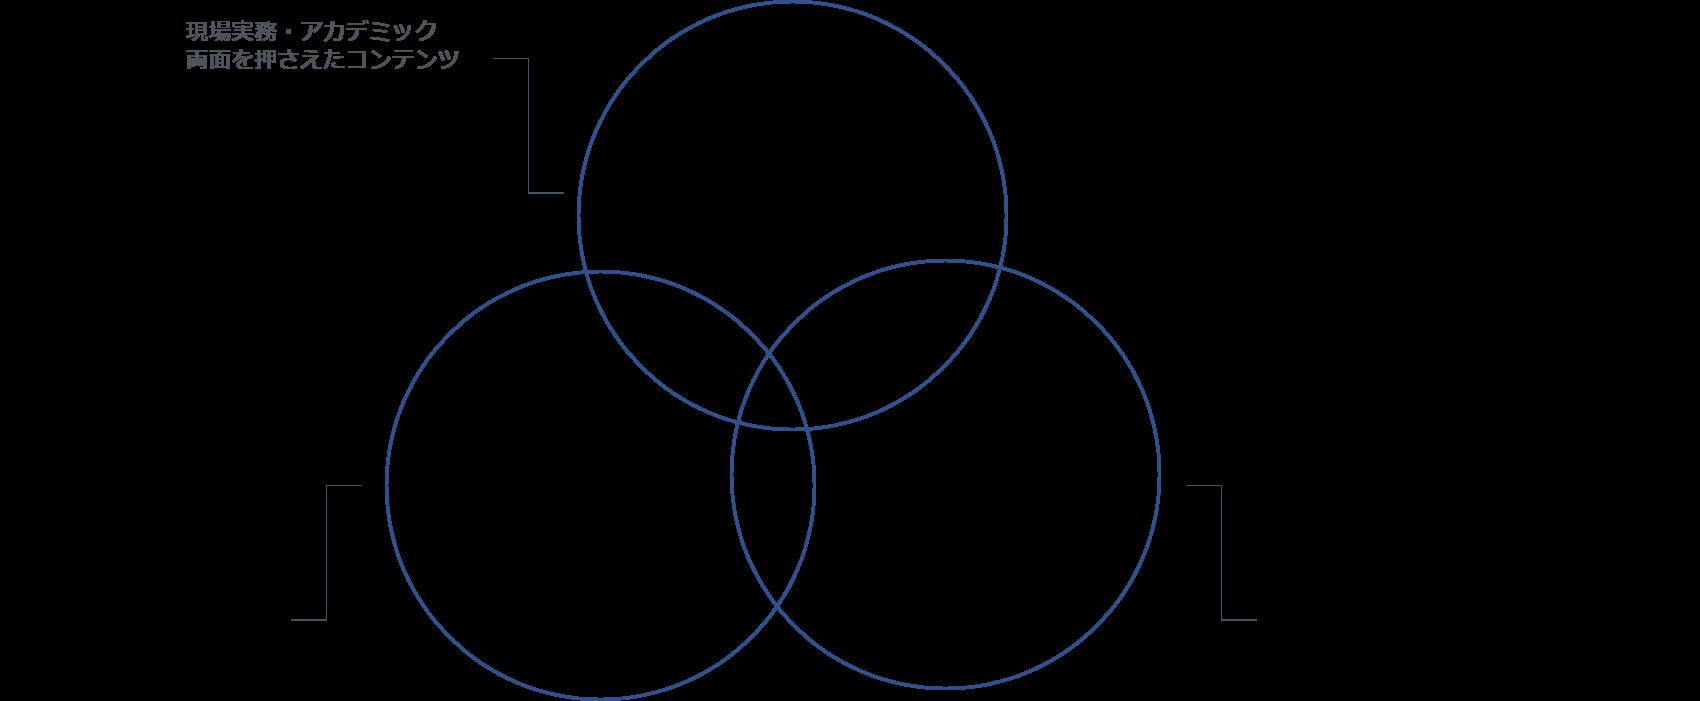 コンテンツ力・コミュニケーション力・理解力の三視点